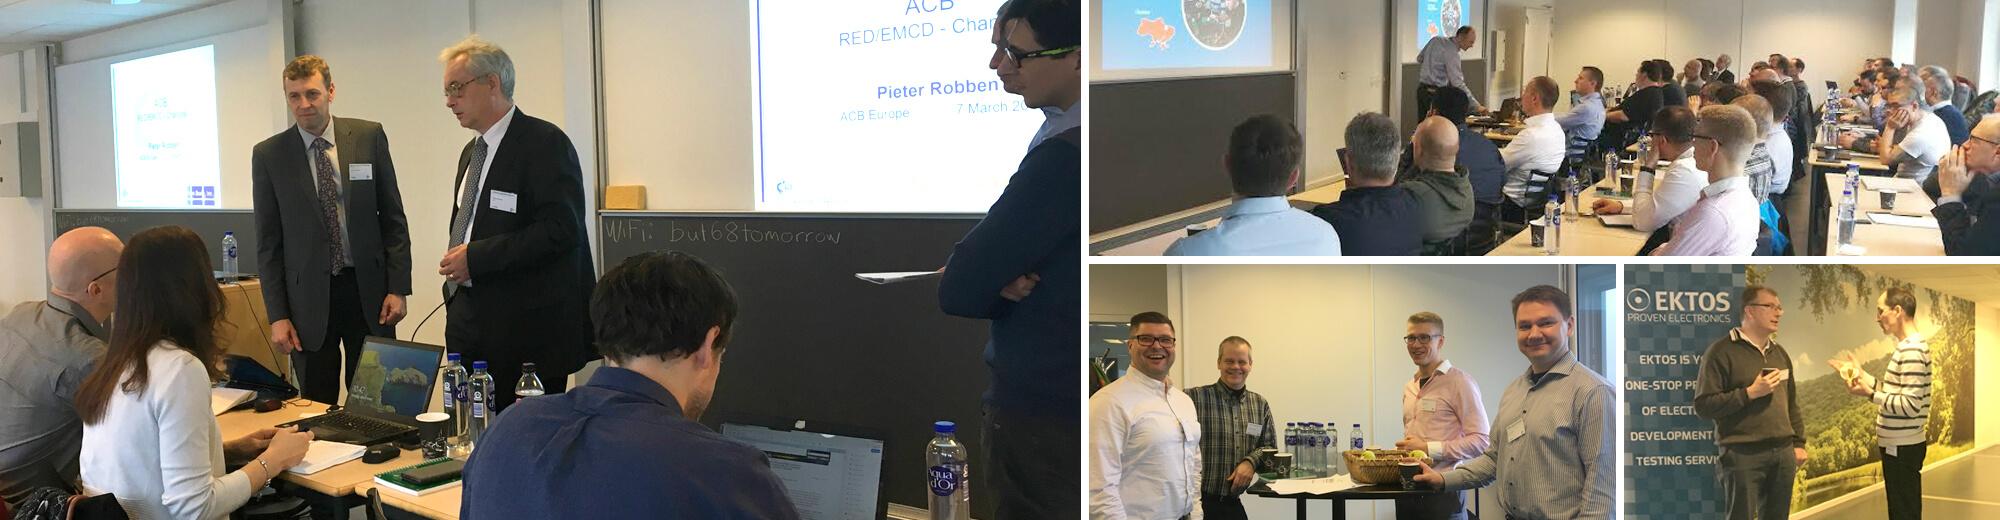 ACB's Wireless Approvals Workshop var en stor success!